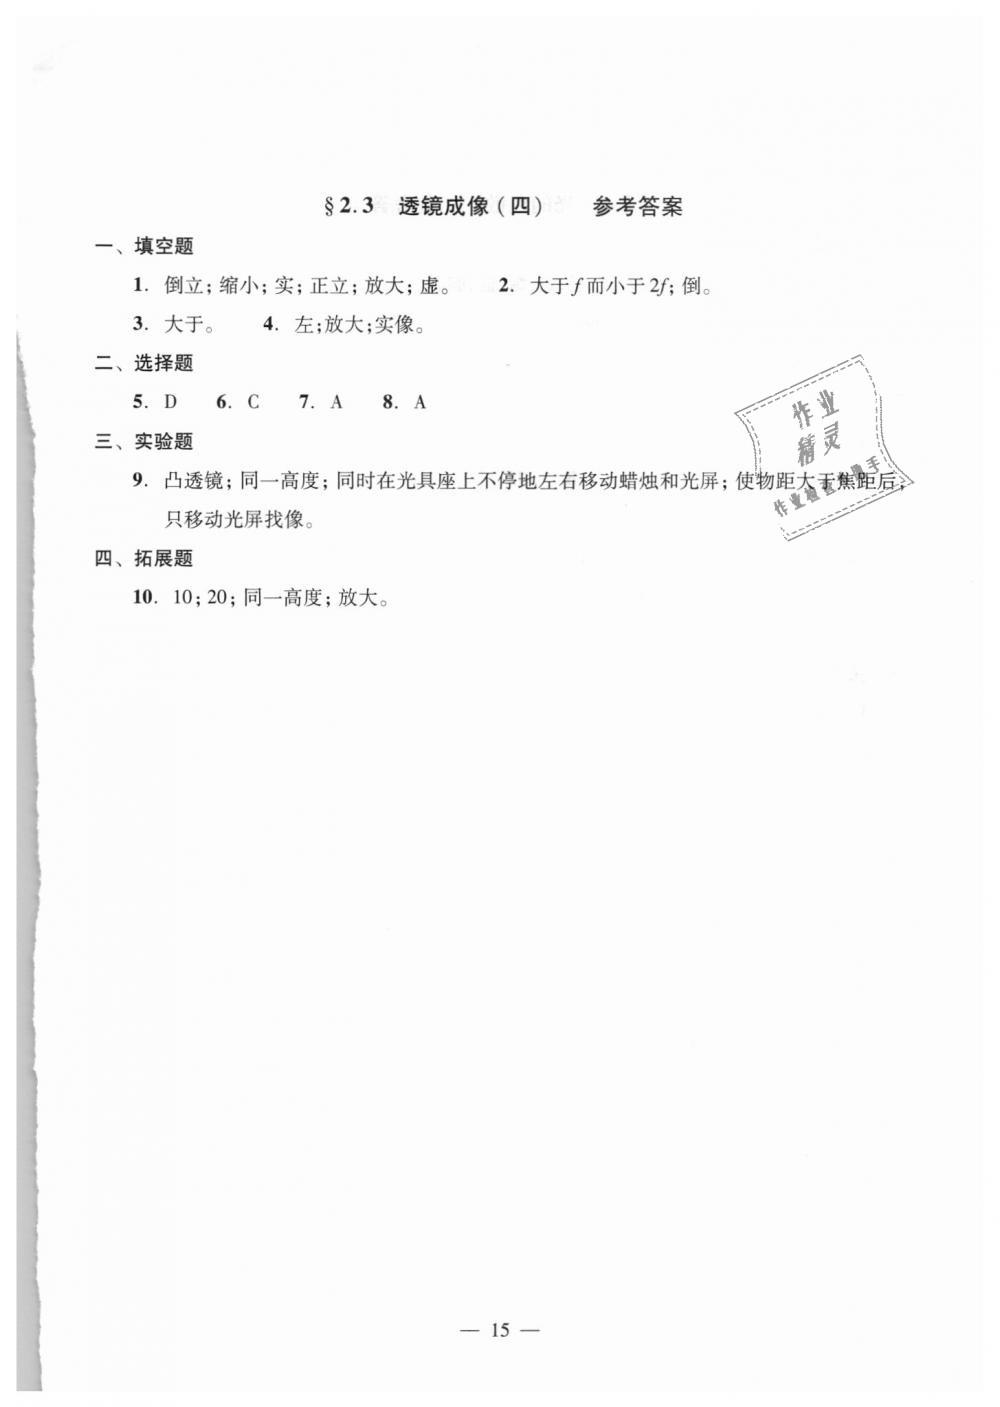 2018年初中物理双基过关堂堂练八年级全一册沪教版第15页